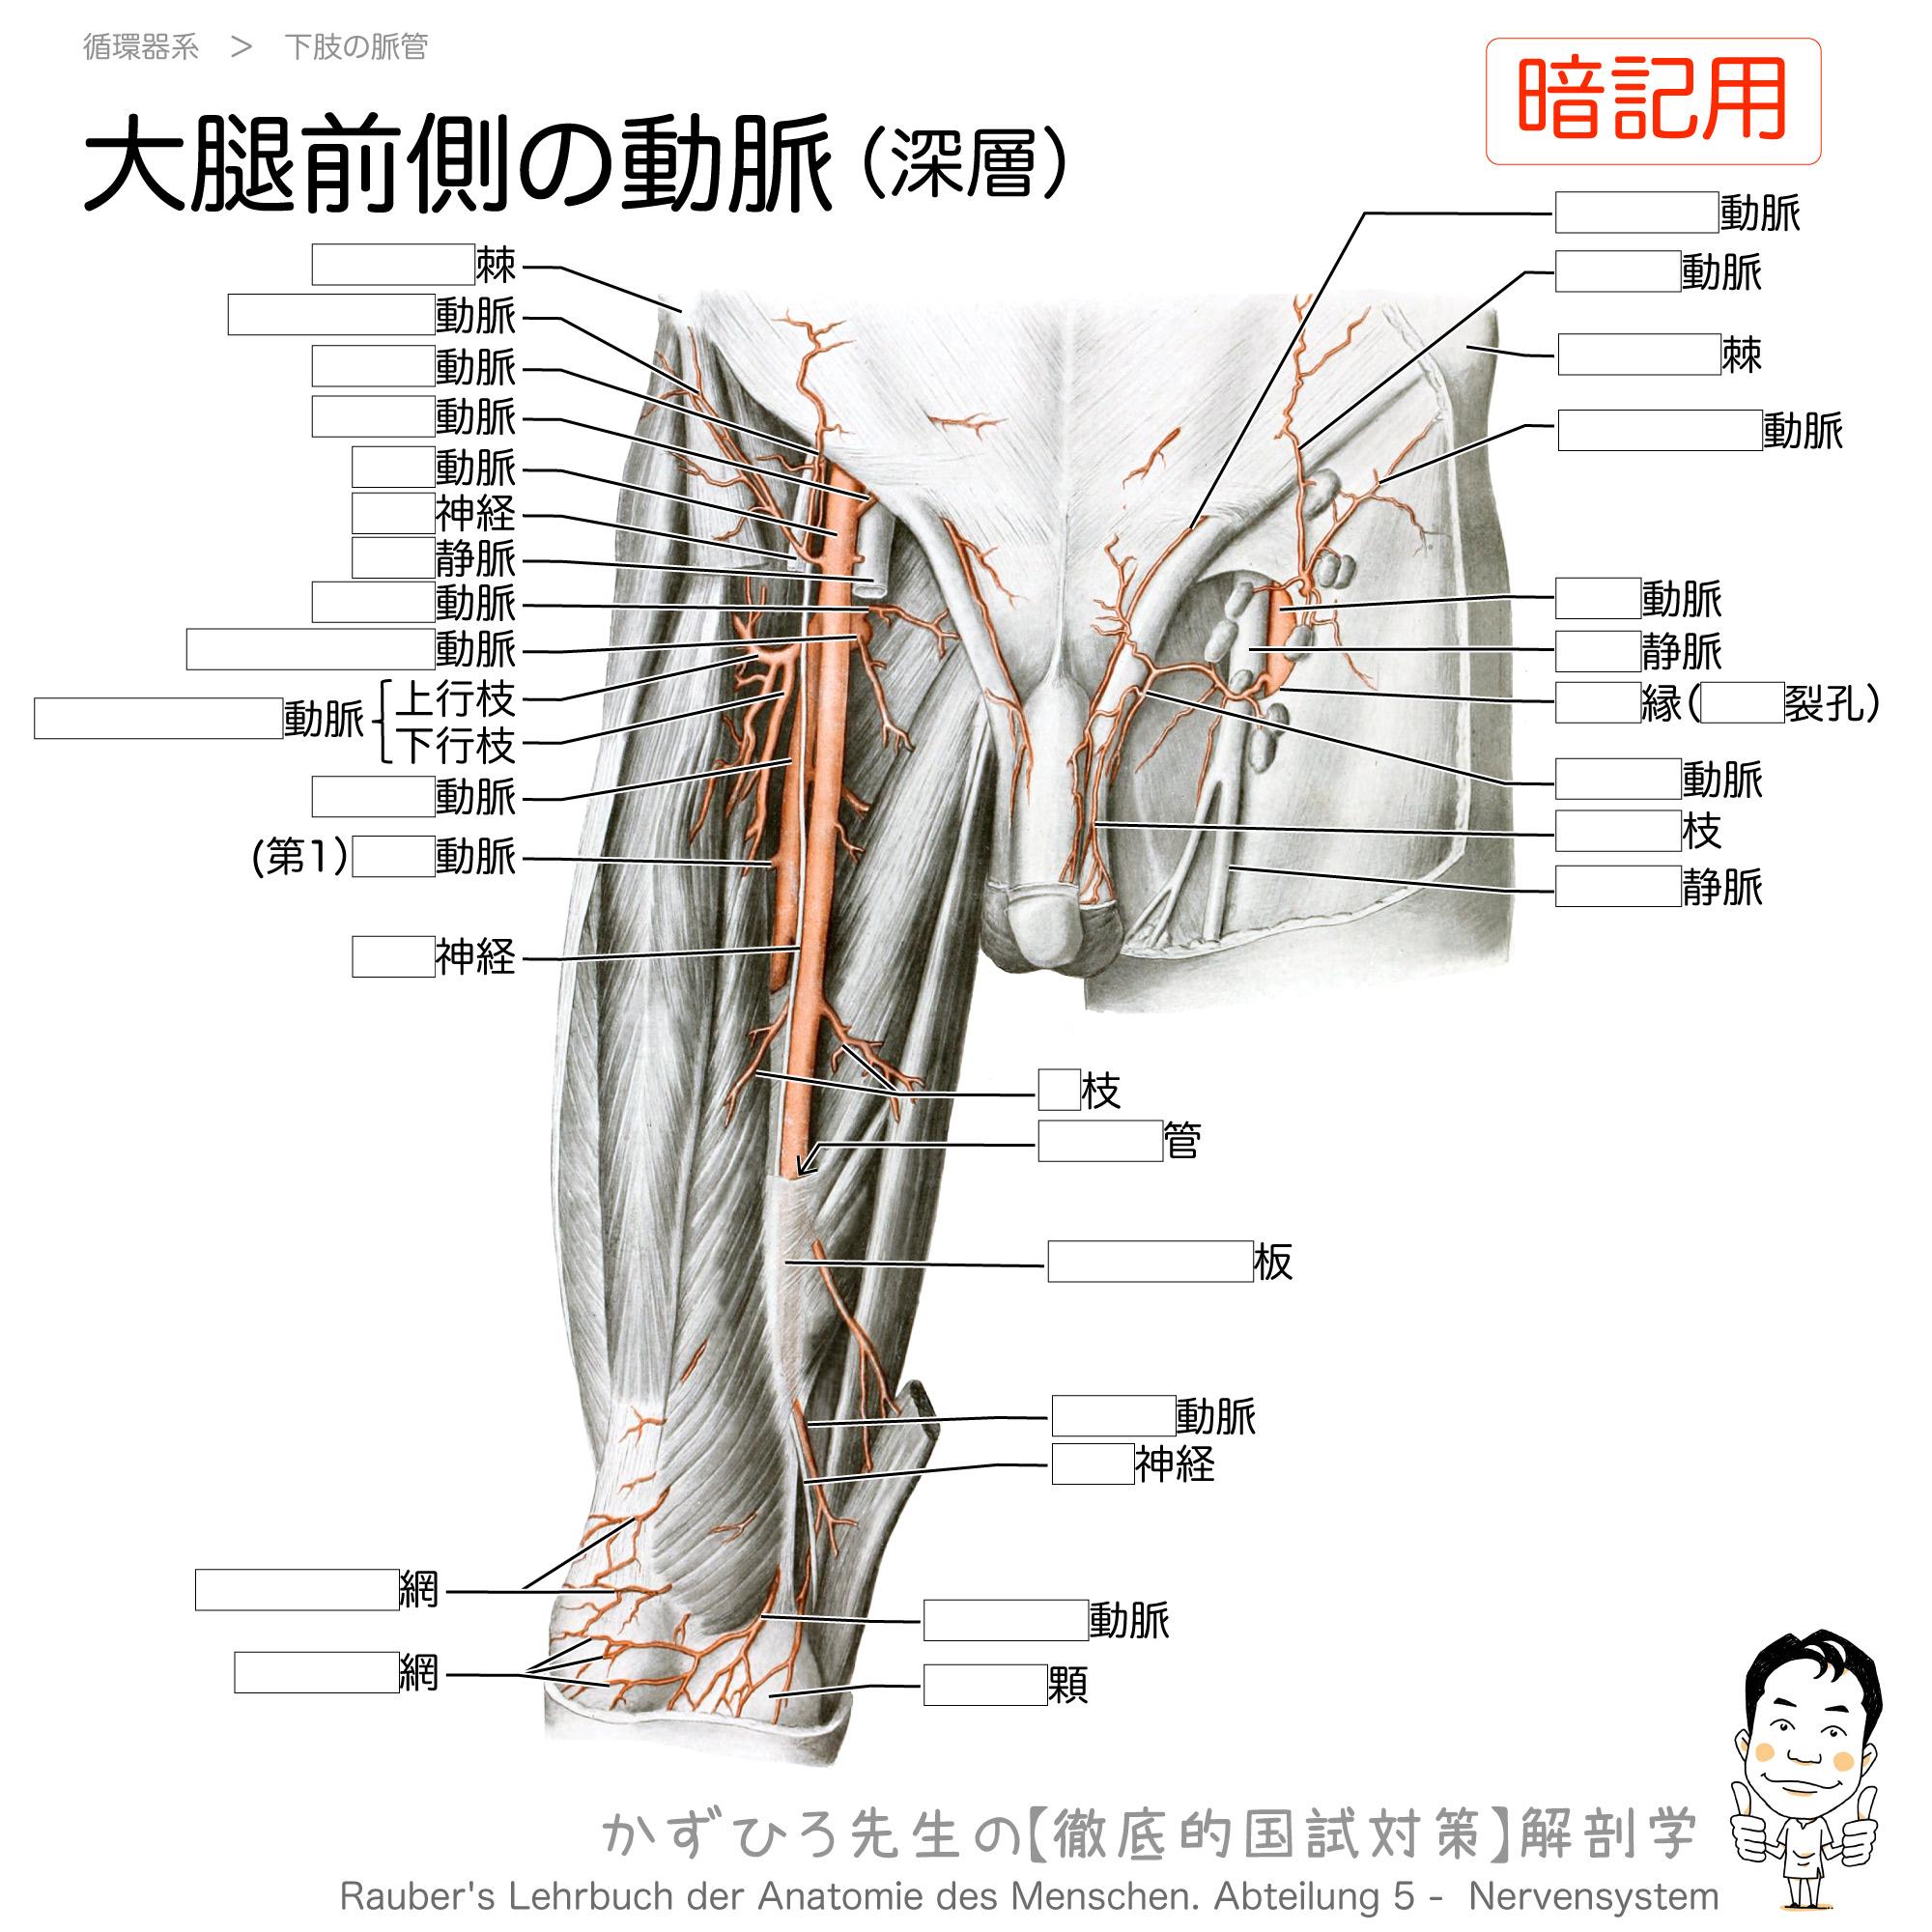 大腿前側の動脈(深層):大腿動脈と大腿深動脈/伏在裂孔(暗記用)